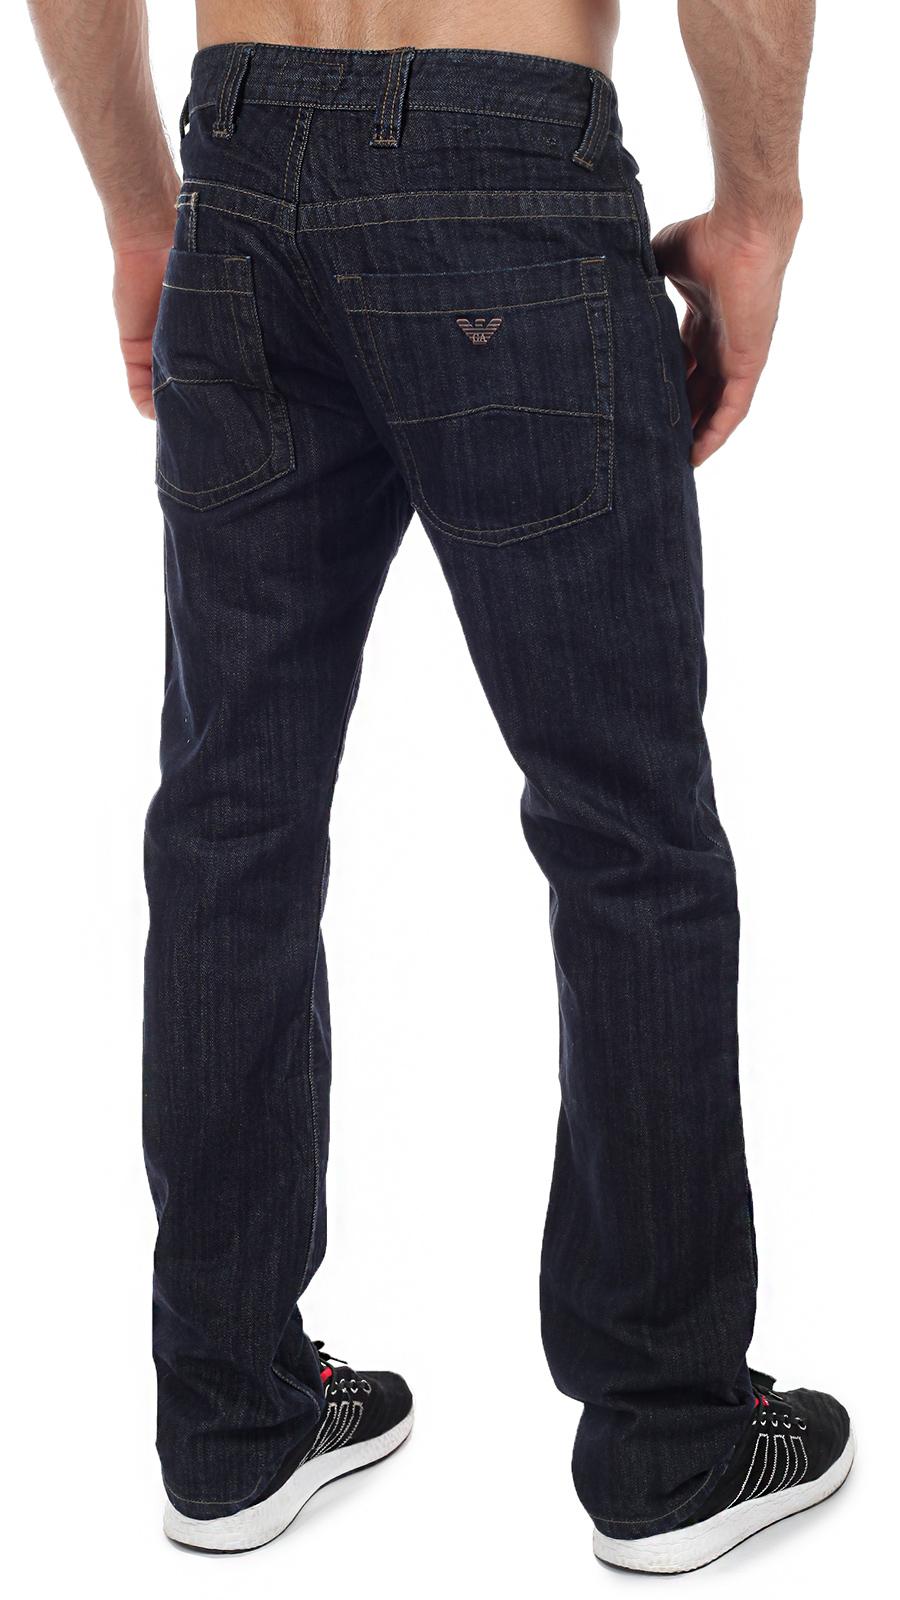 Прямые мужские джинсы классического темно-синего цвета – самая правильная цена в Военпро!